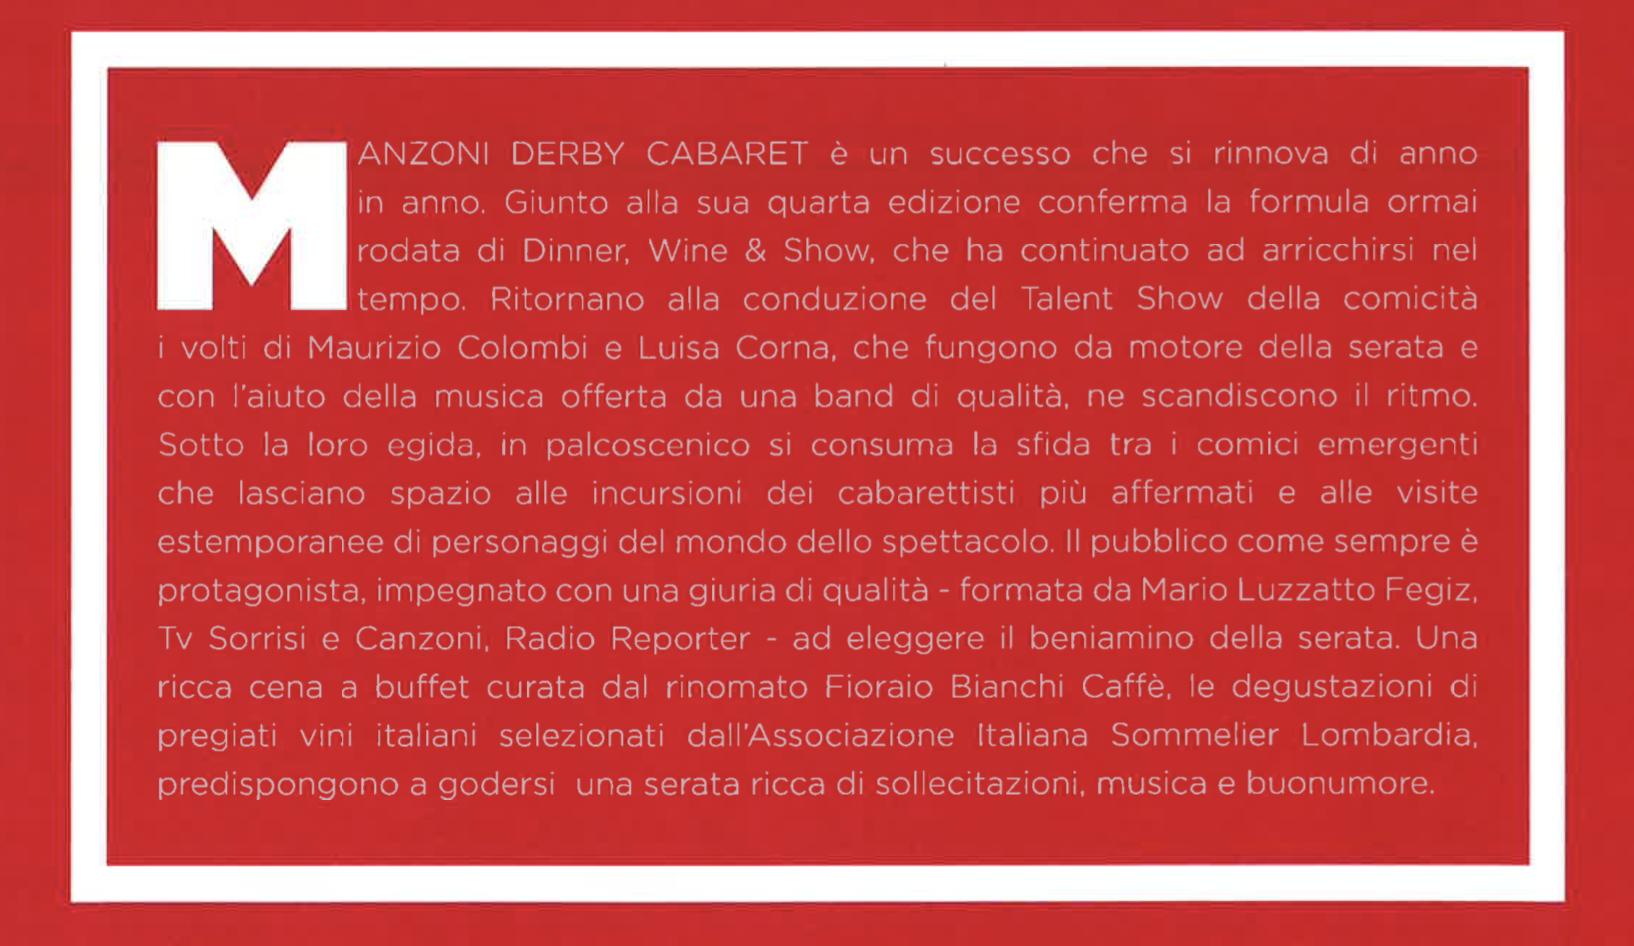 Teatro Manzoni 2016 2017 derby cabaret 2016 - 2017